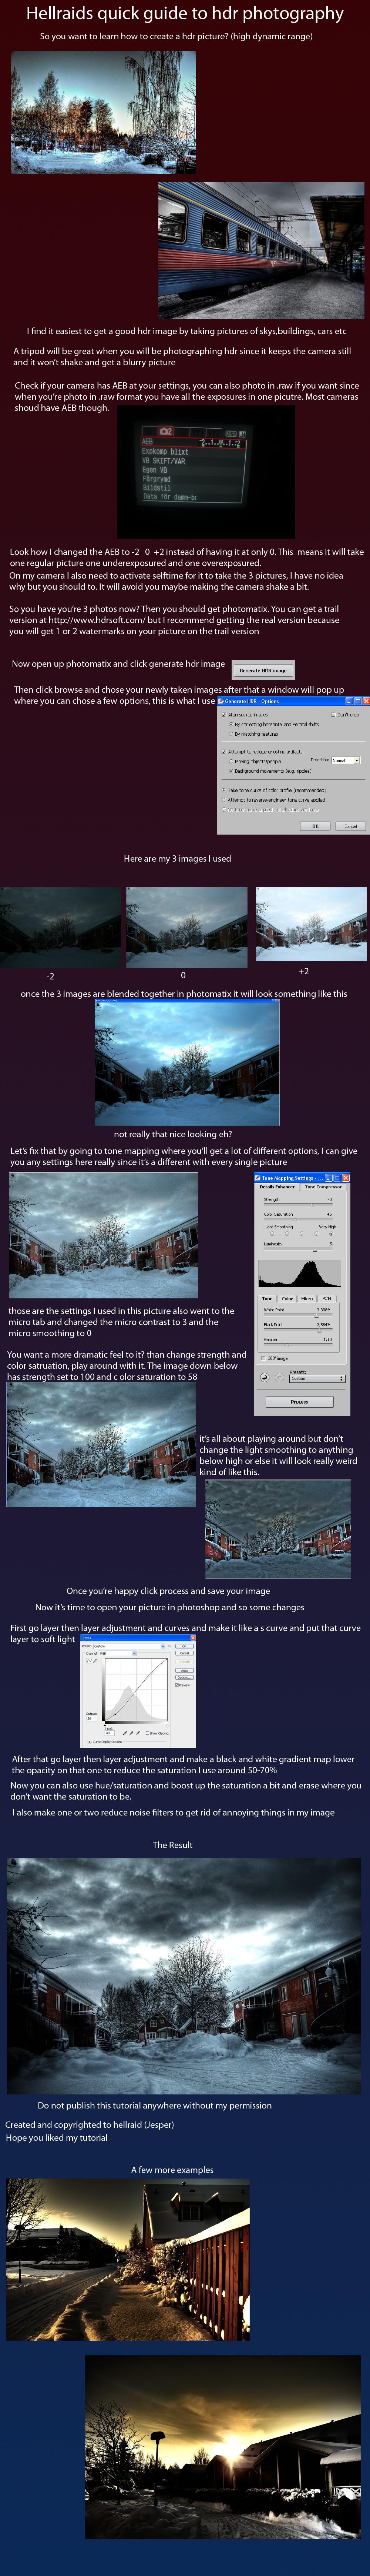 hdr_tutorial_by_hellraidgr.jpg